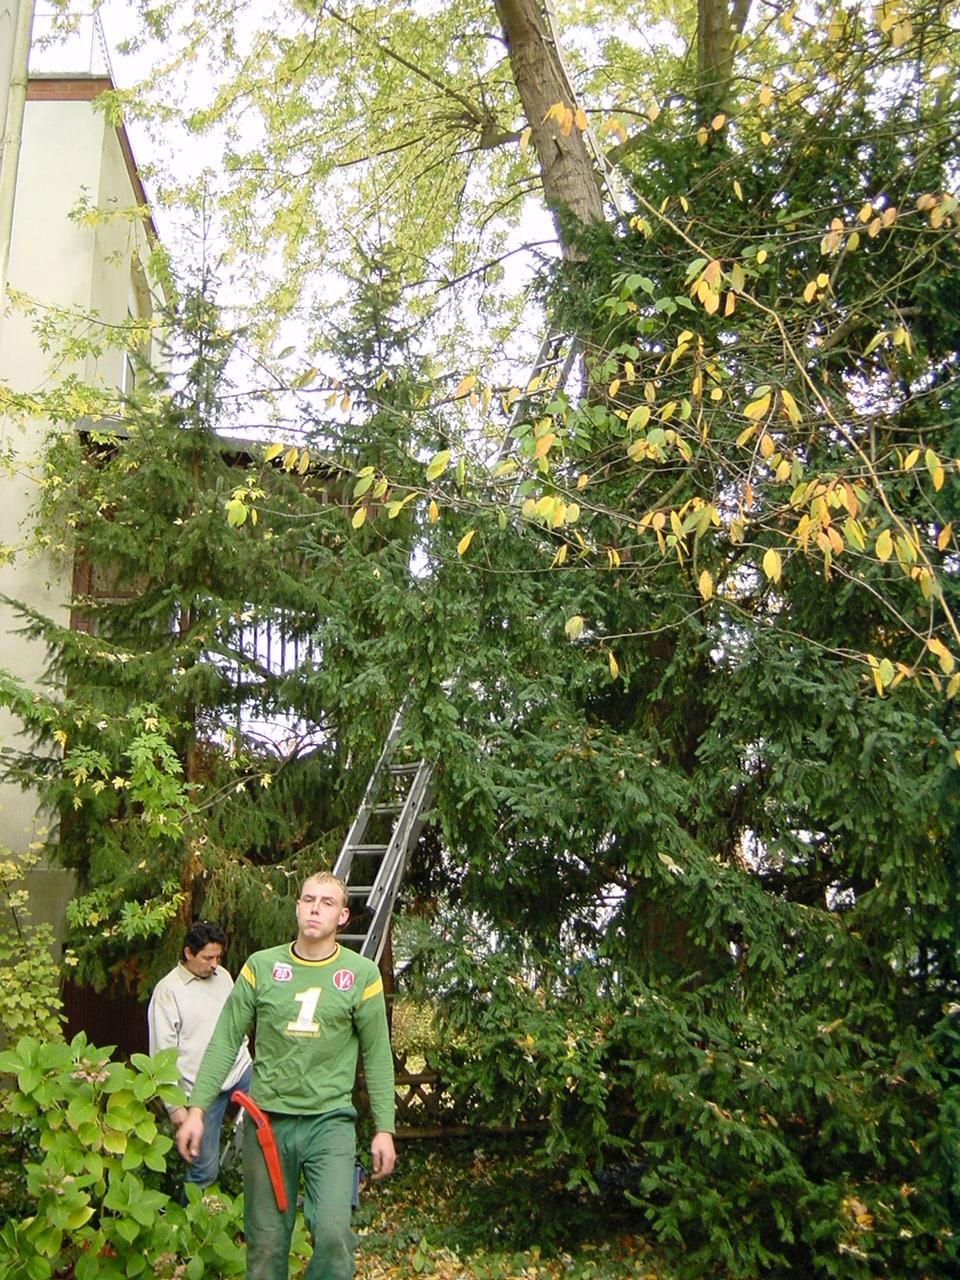 Baumfällung mit Abseilsystem Bad Oeynhausen